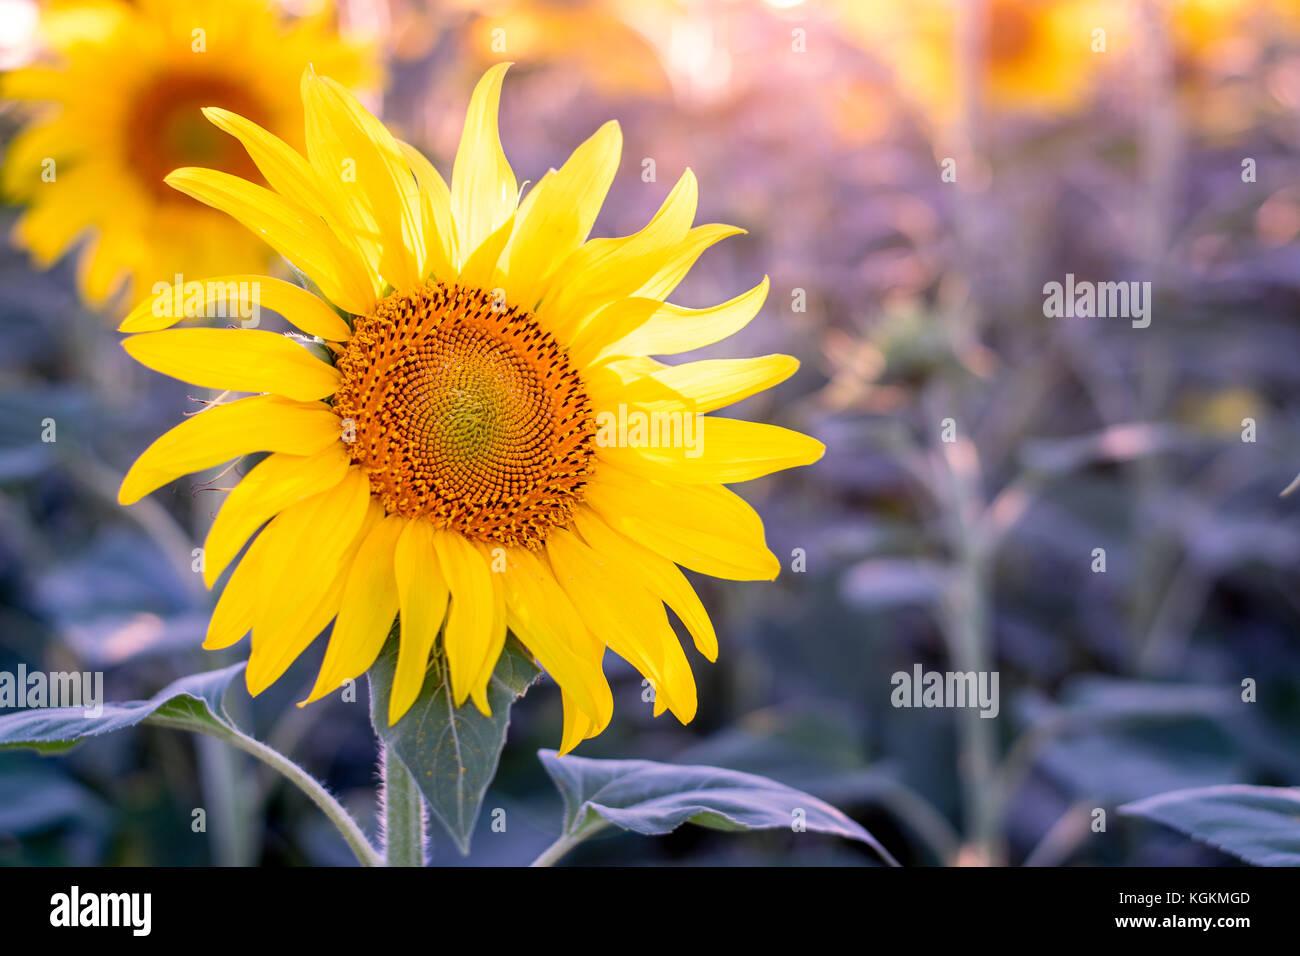 Sunflower field in Moldova - Stock Image